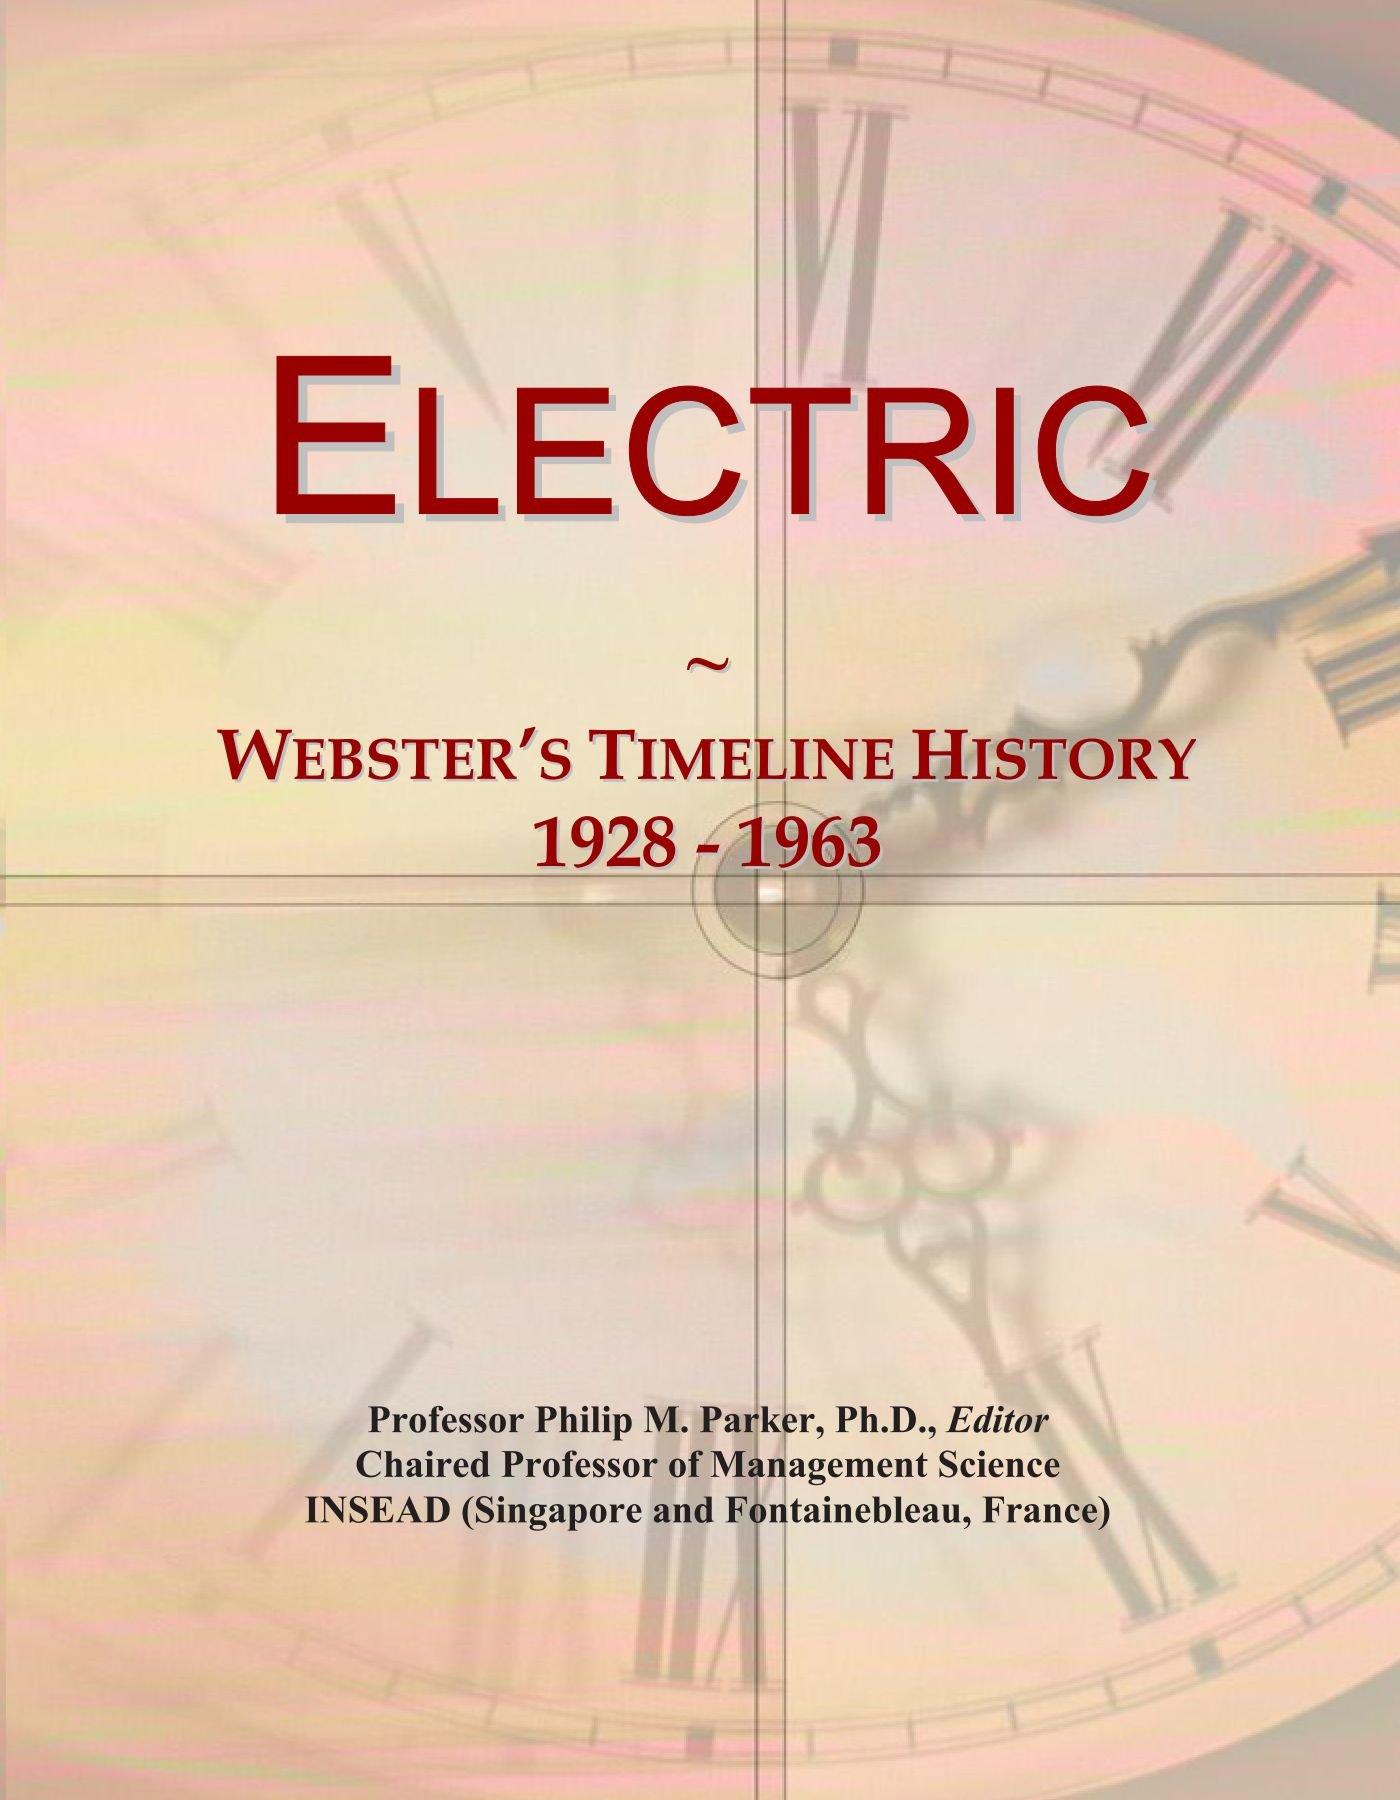 Electric: Webster's Timeline History, 1928 - 1963